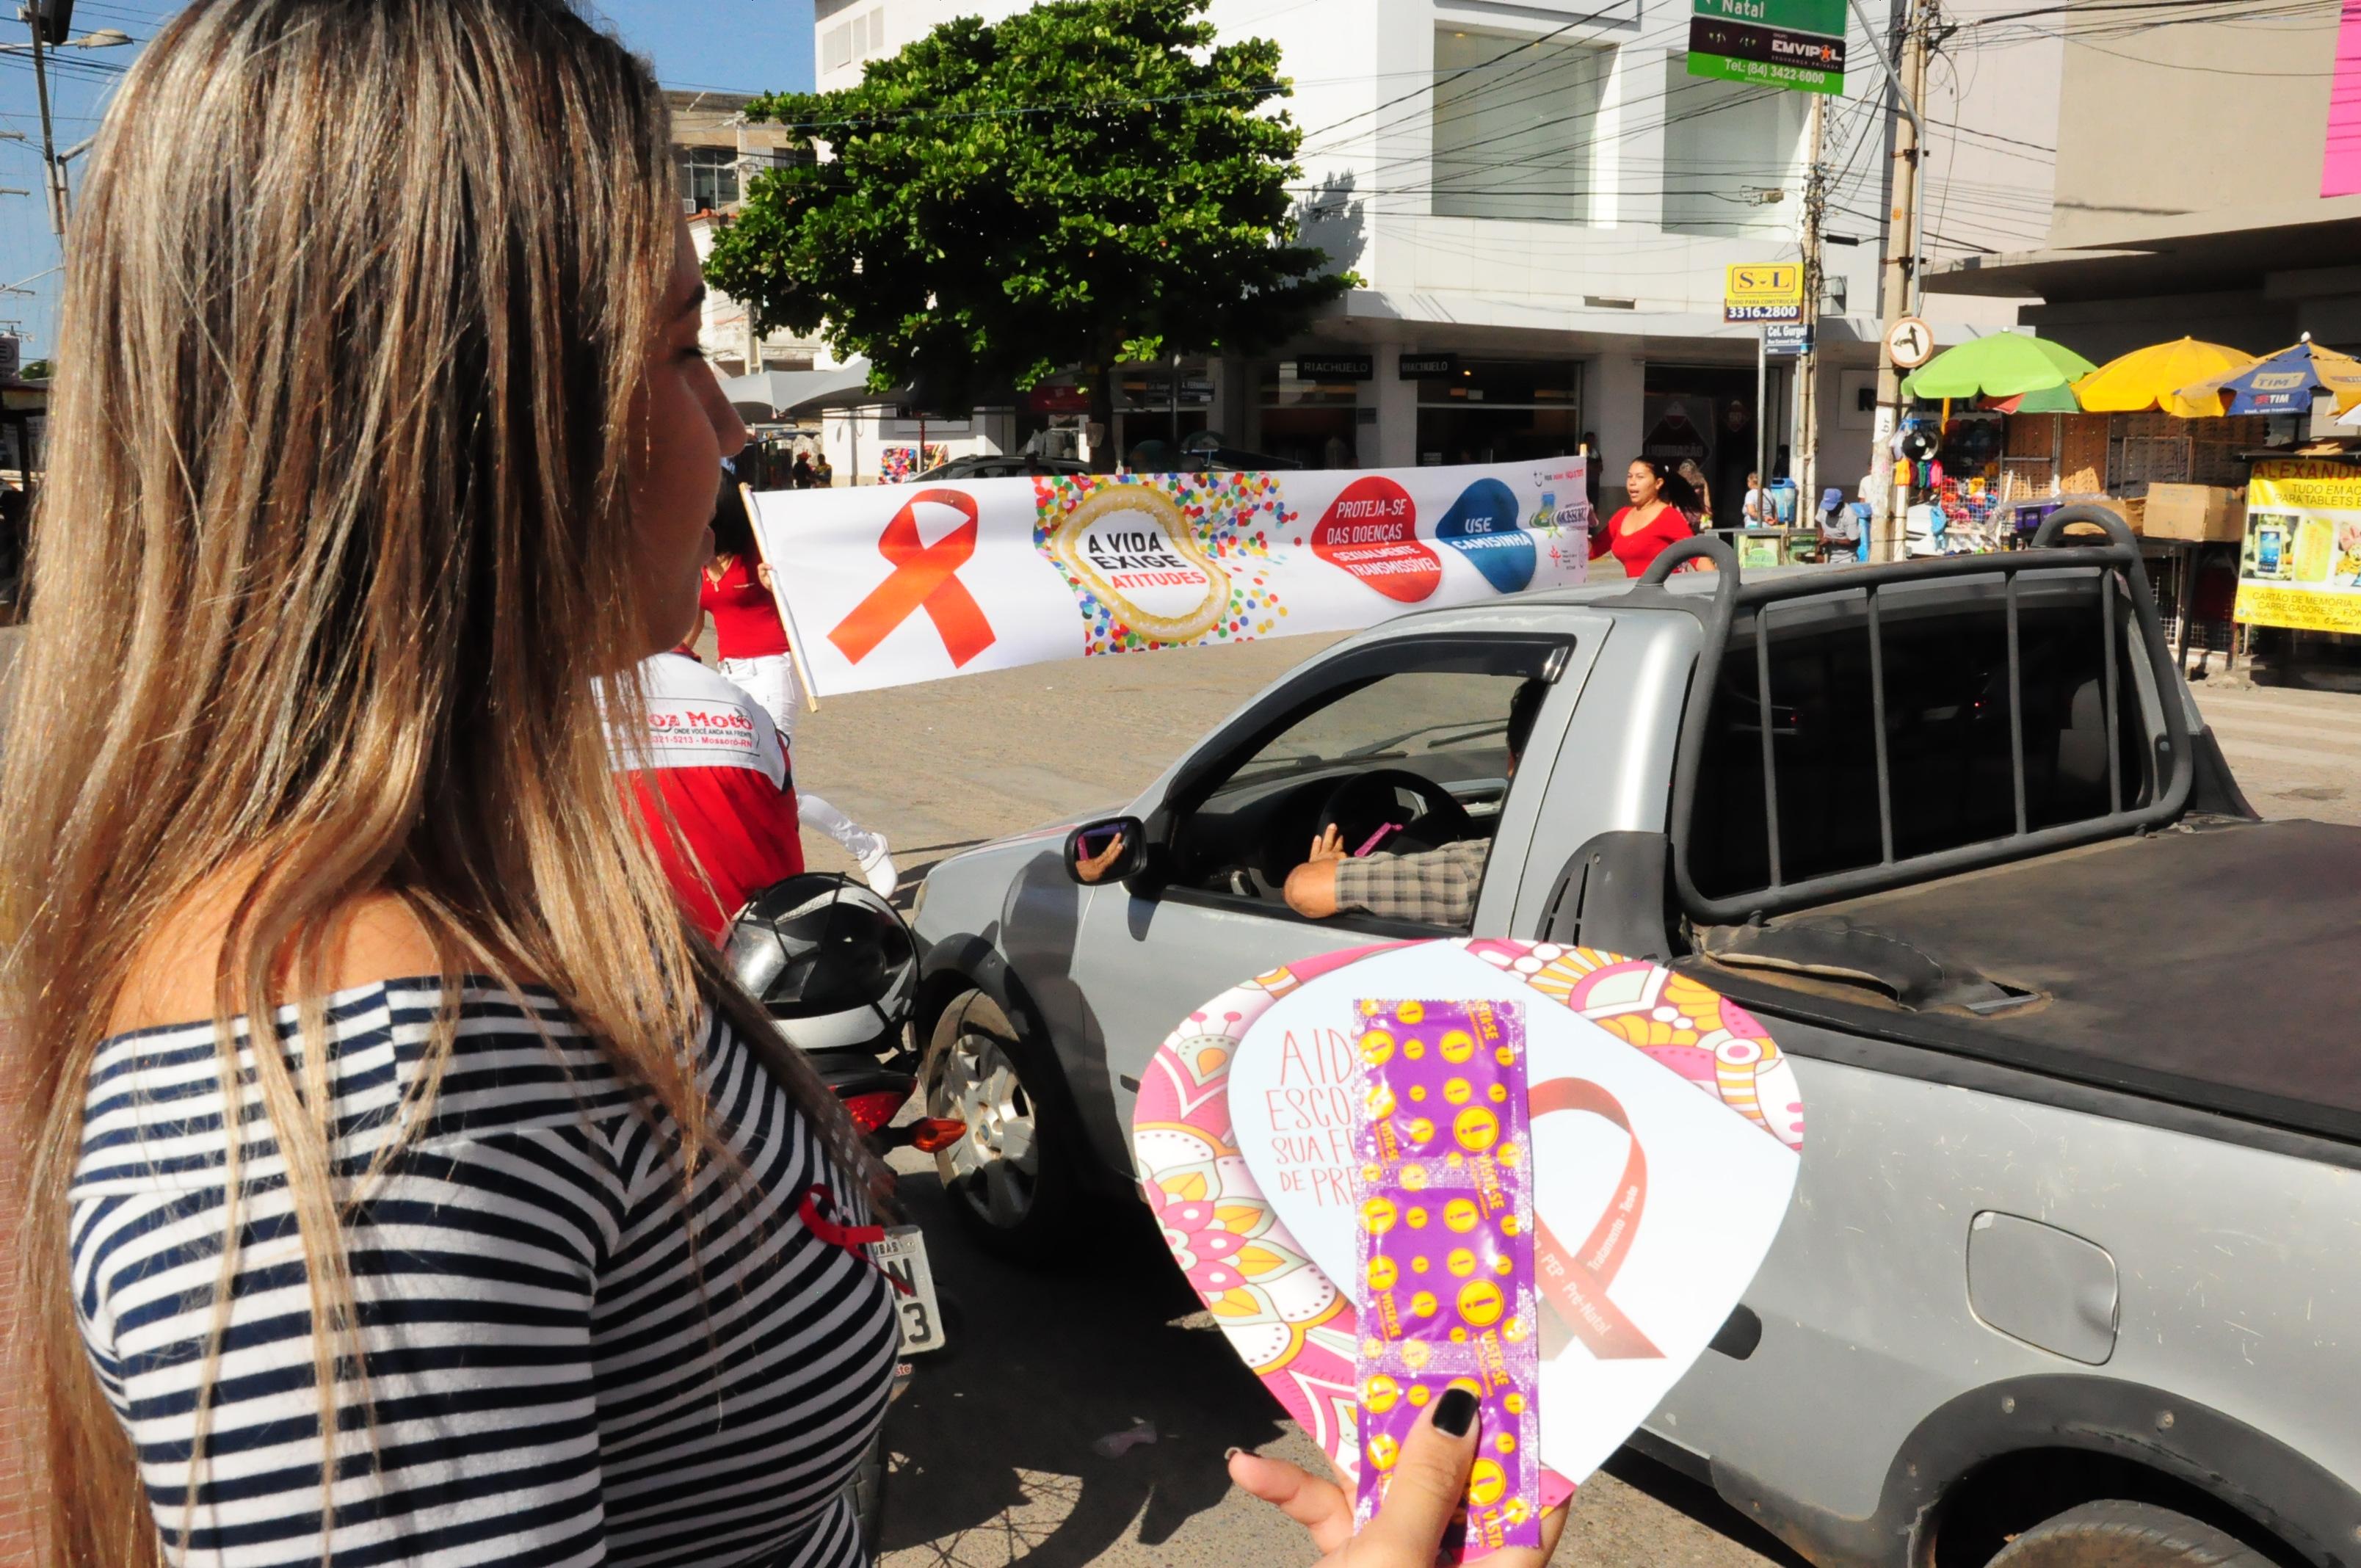 Secretaria de Saúde distribuirá mais de 120 mil preservativos antes do Carnaval